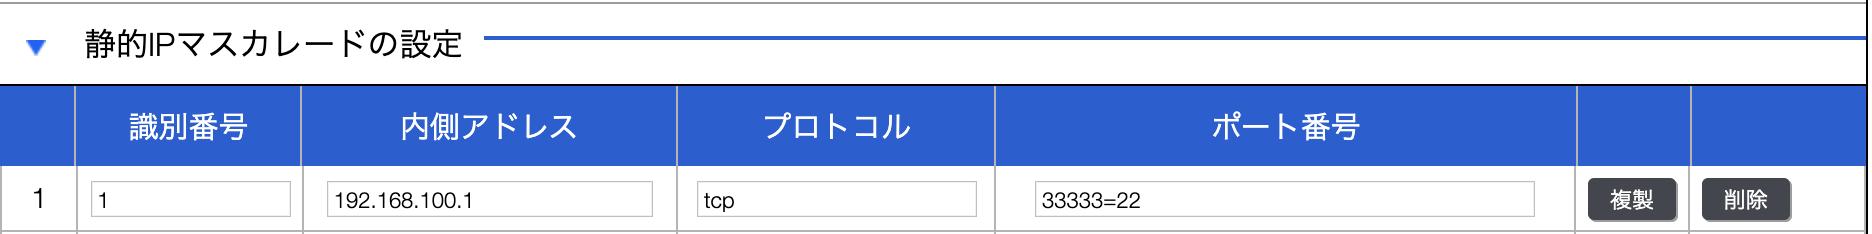 スクリーンショット 2020-04-07 1.36.35.png